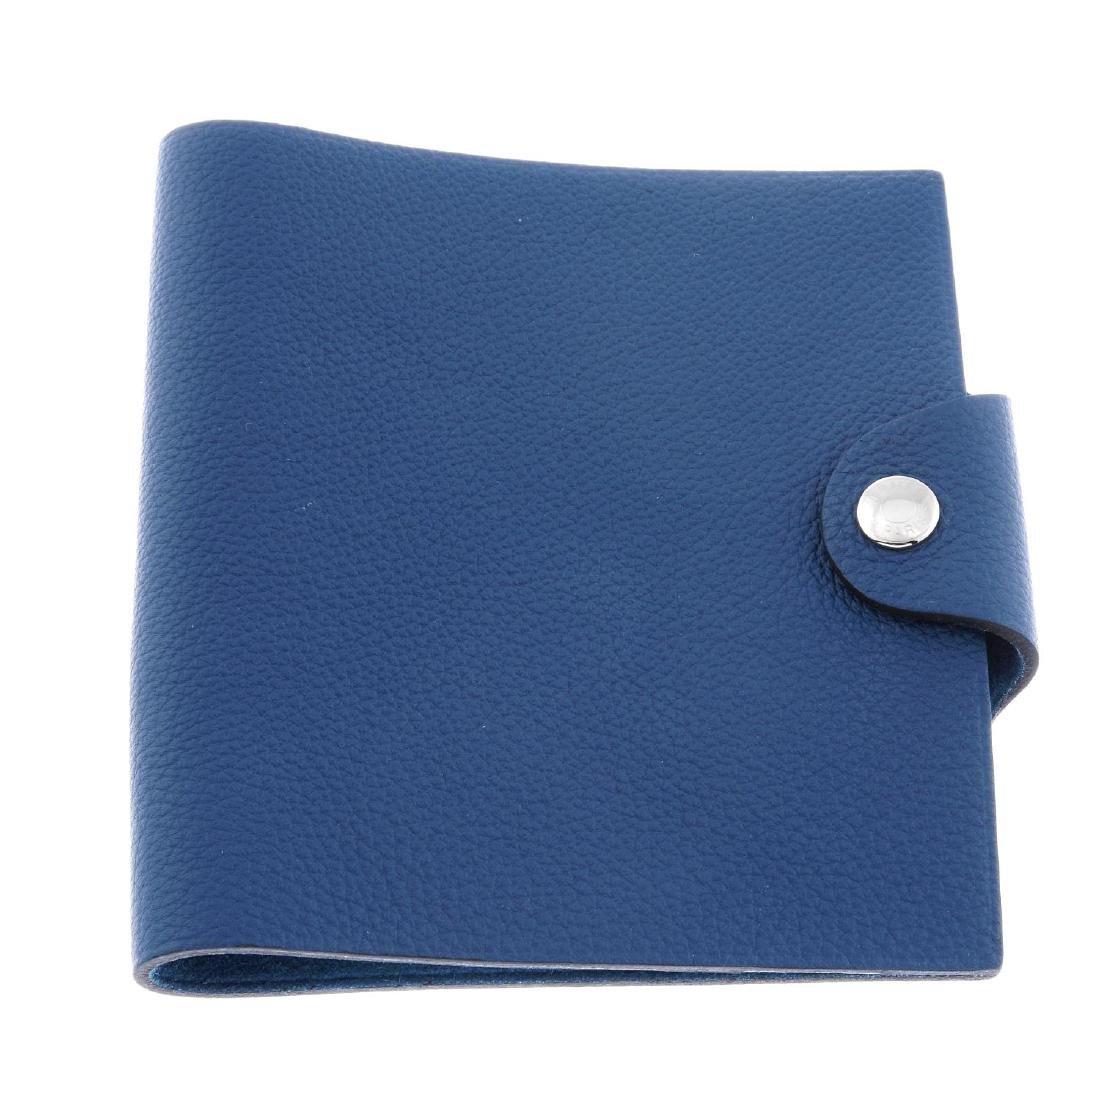 HERMÈS - a blue leather Ulysse notebook cover. Designed